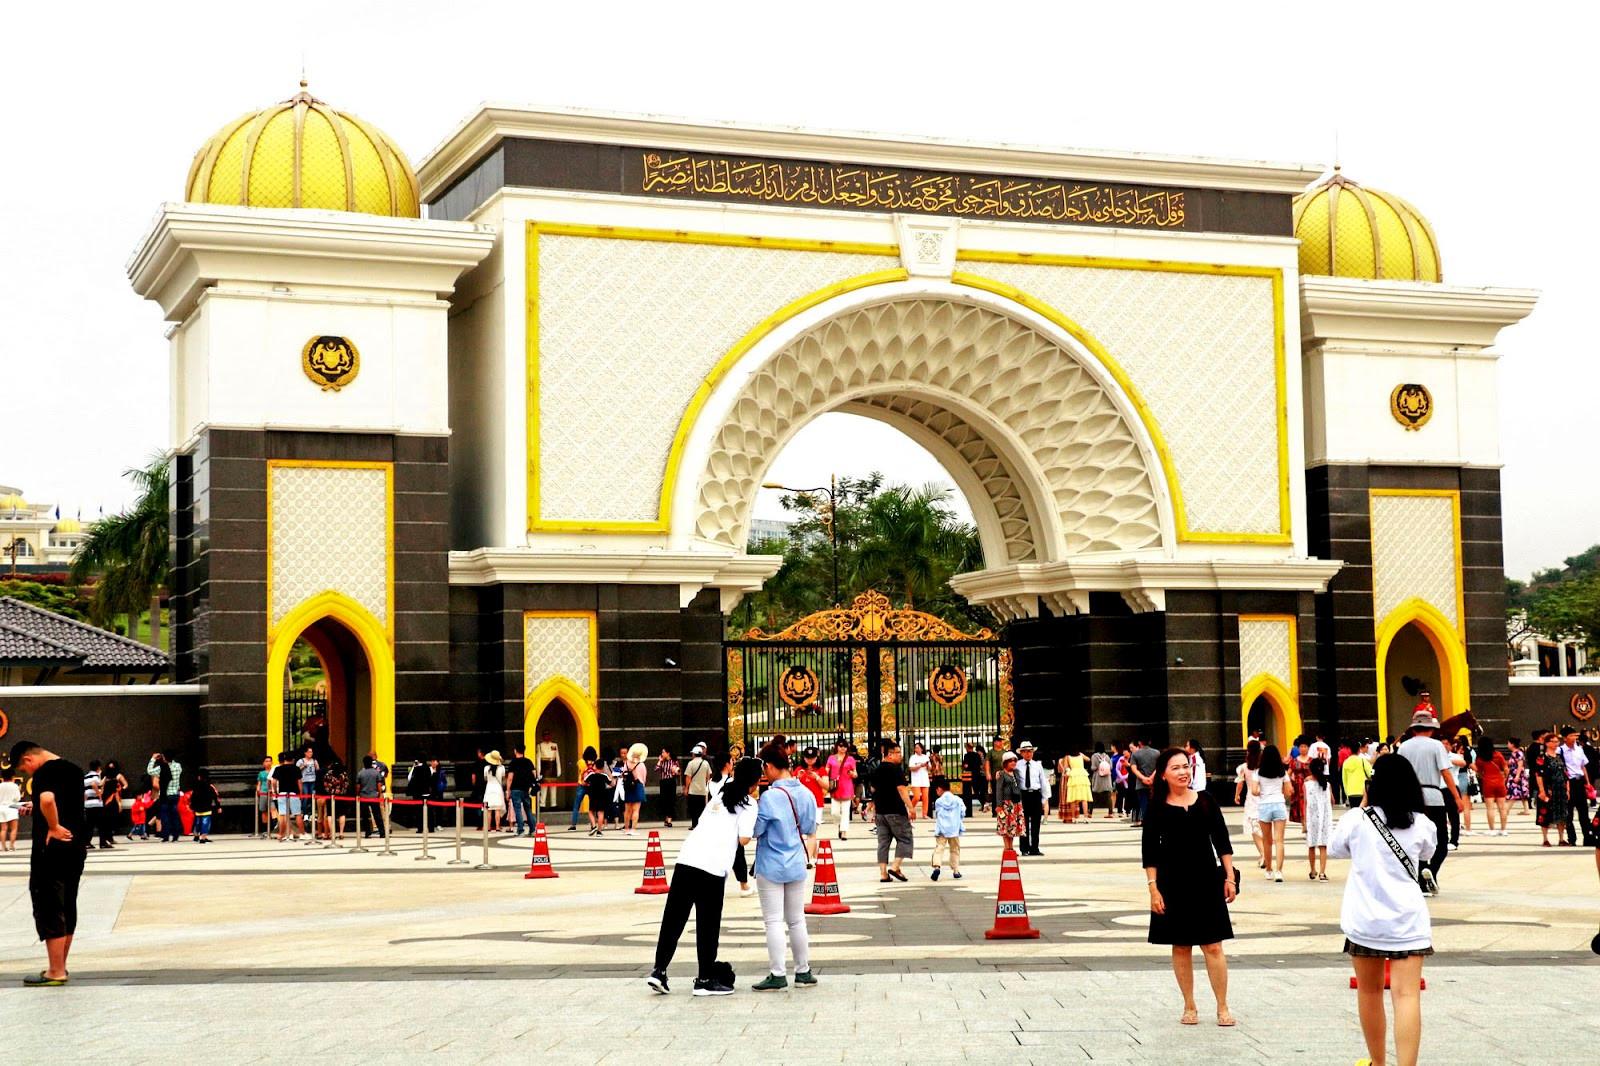 Ở nhà mùa dịch: Nhớ những ngày dạo quanh hè phố Kuala Lumpur - 6